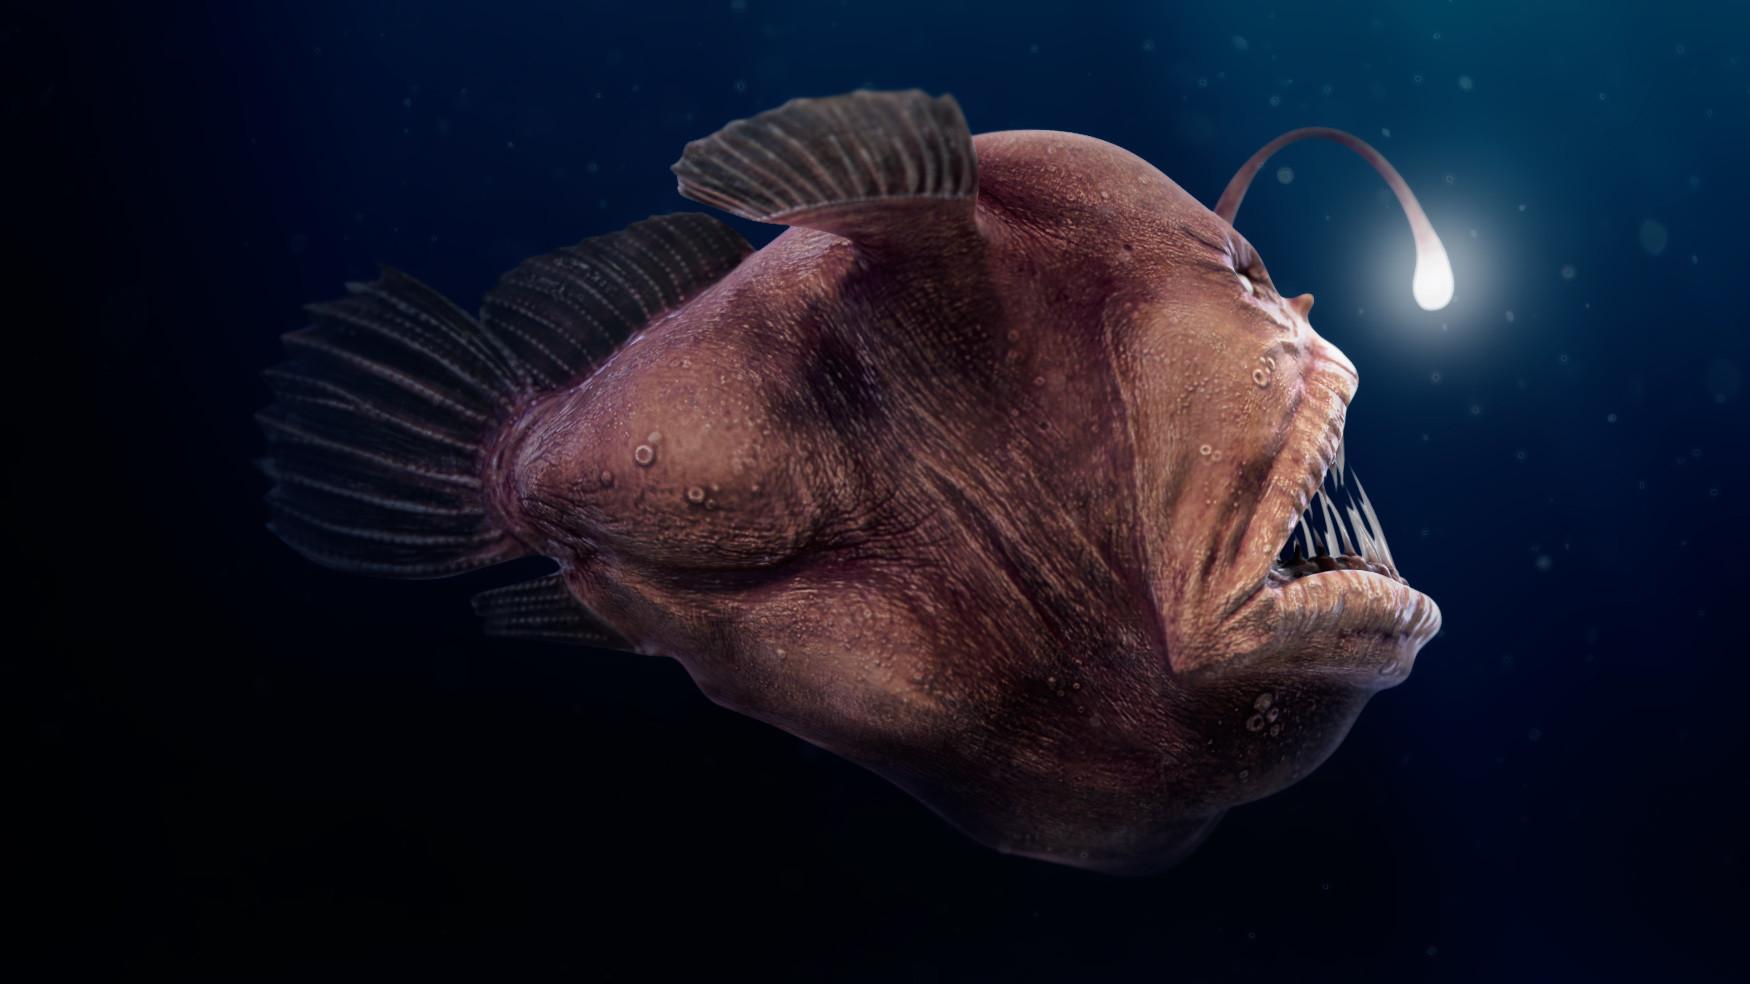 fish4u társkeresőfindlay társkereső